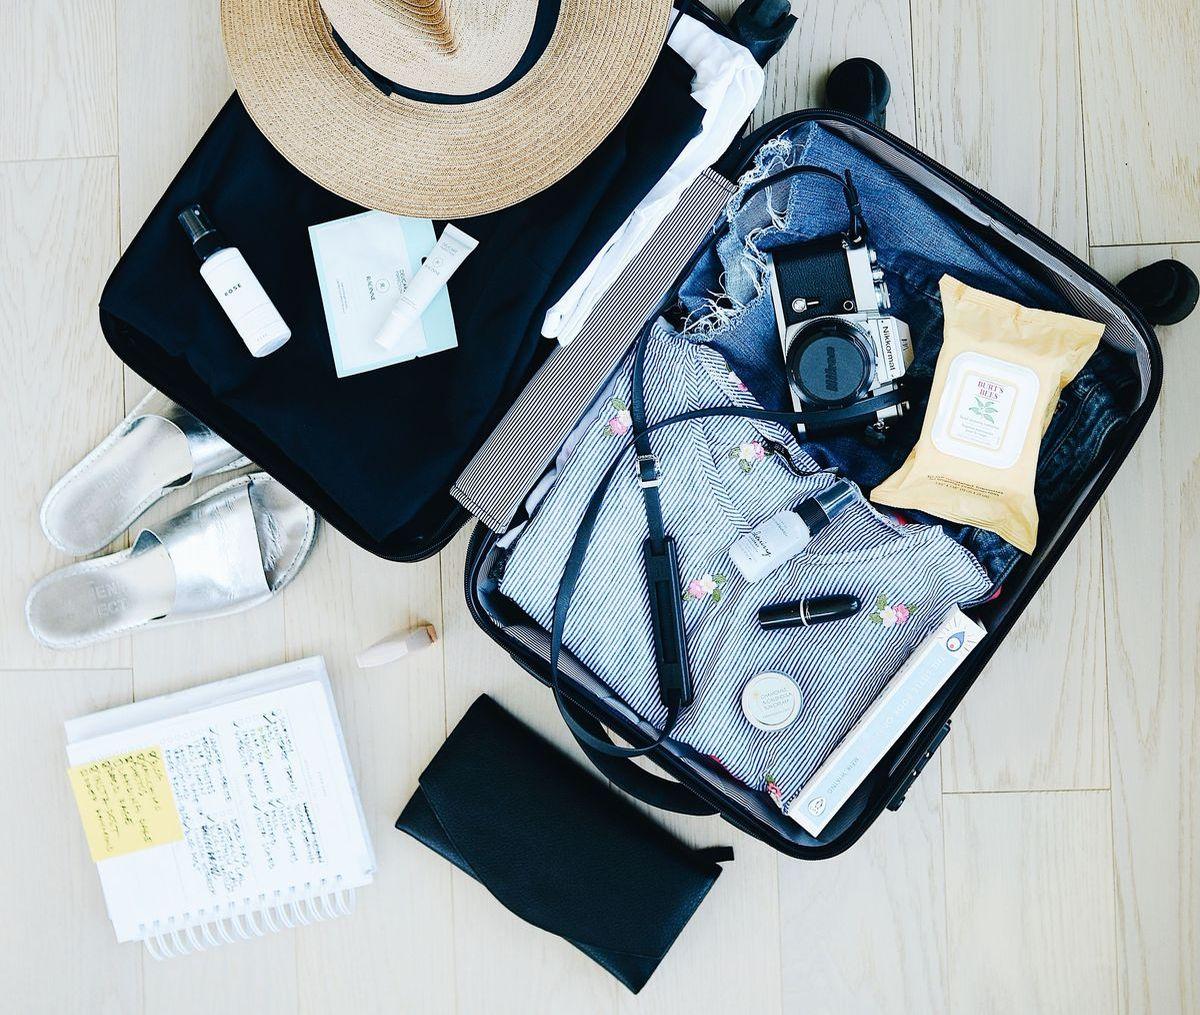 Urlaubsplanung bleibt trotz Corona wichtig